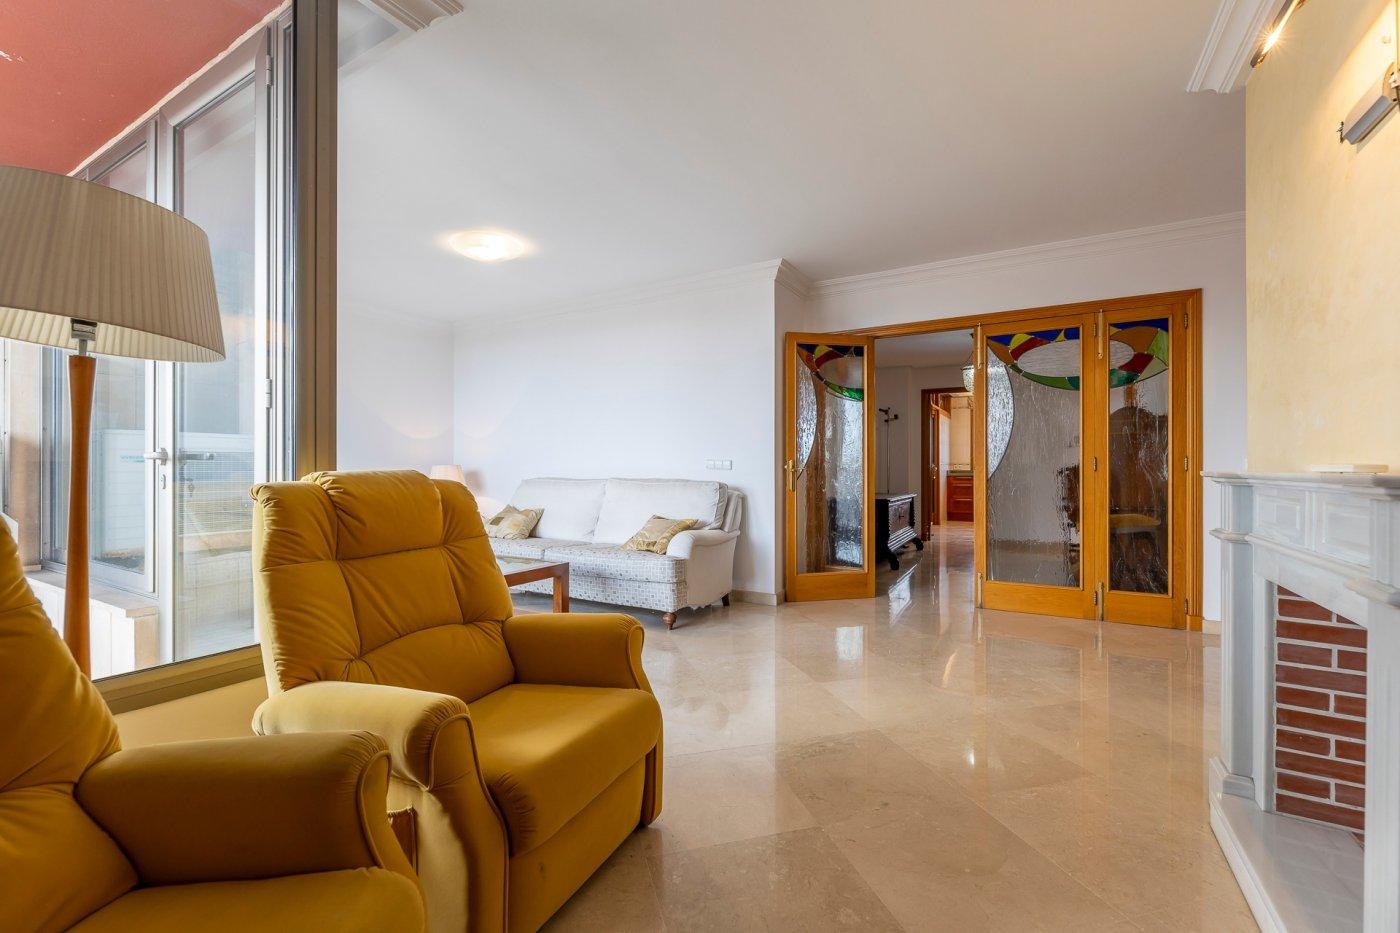 Espectacular piso de lujo en manacor - imagenInmueble21